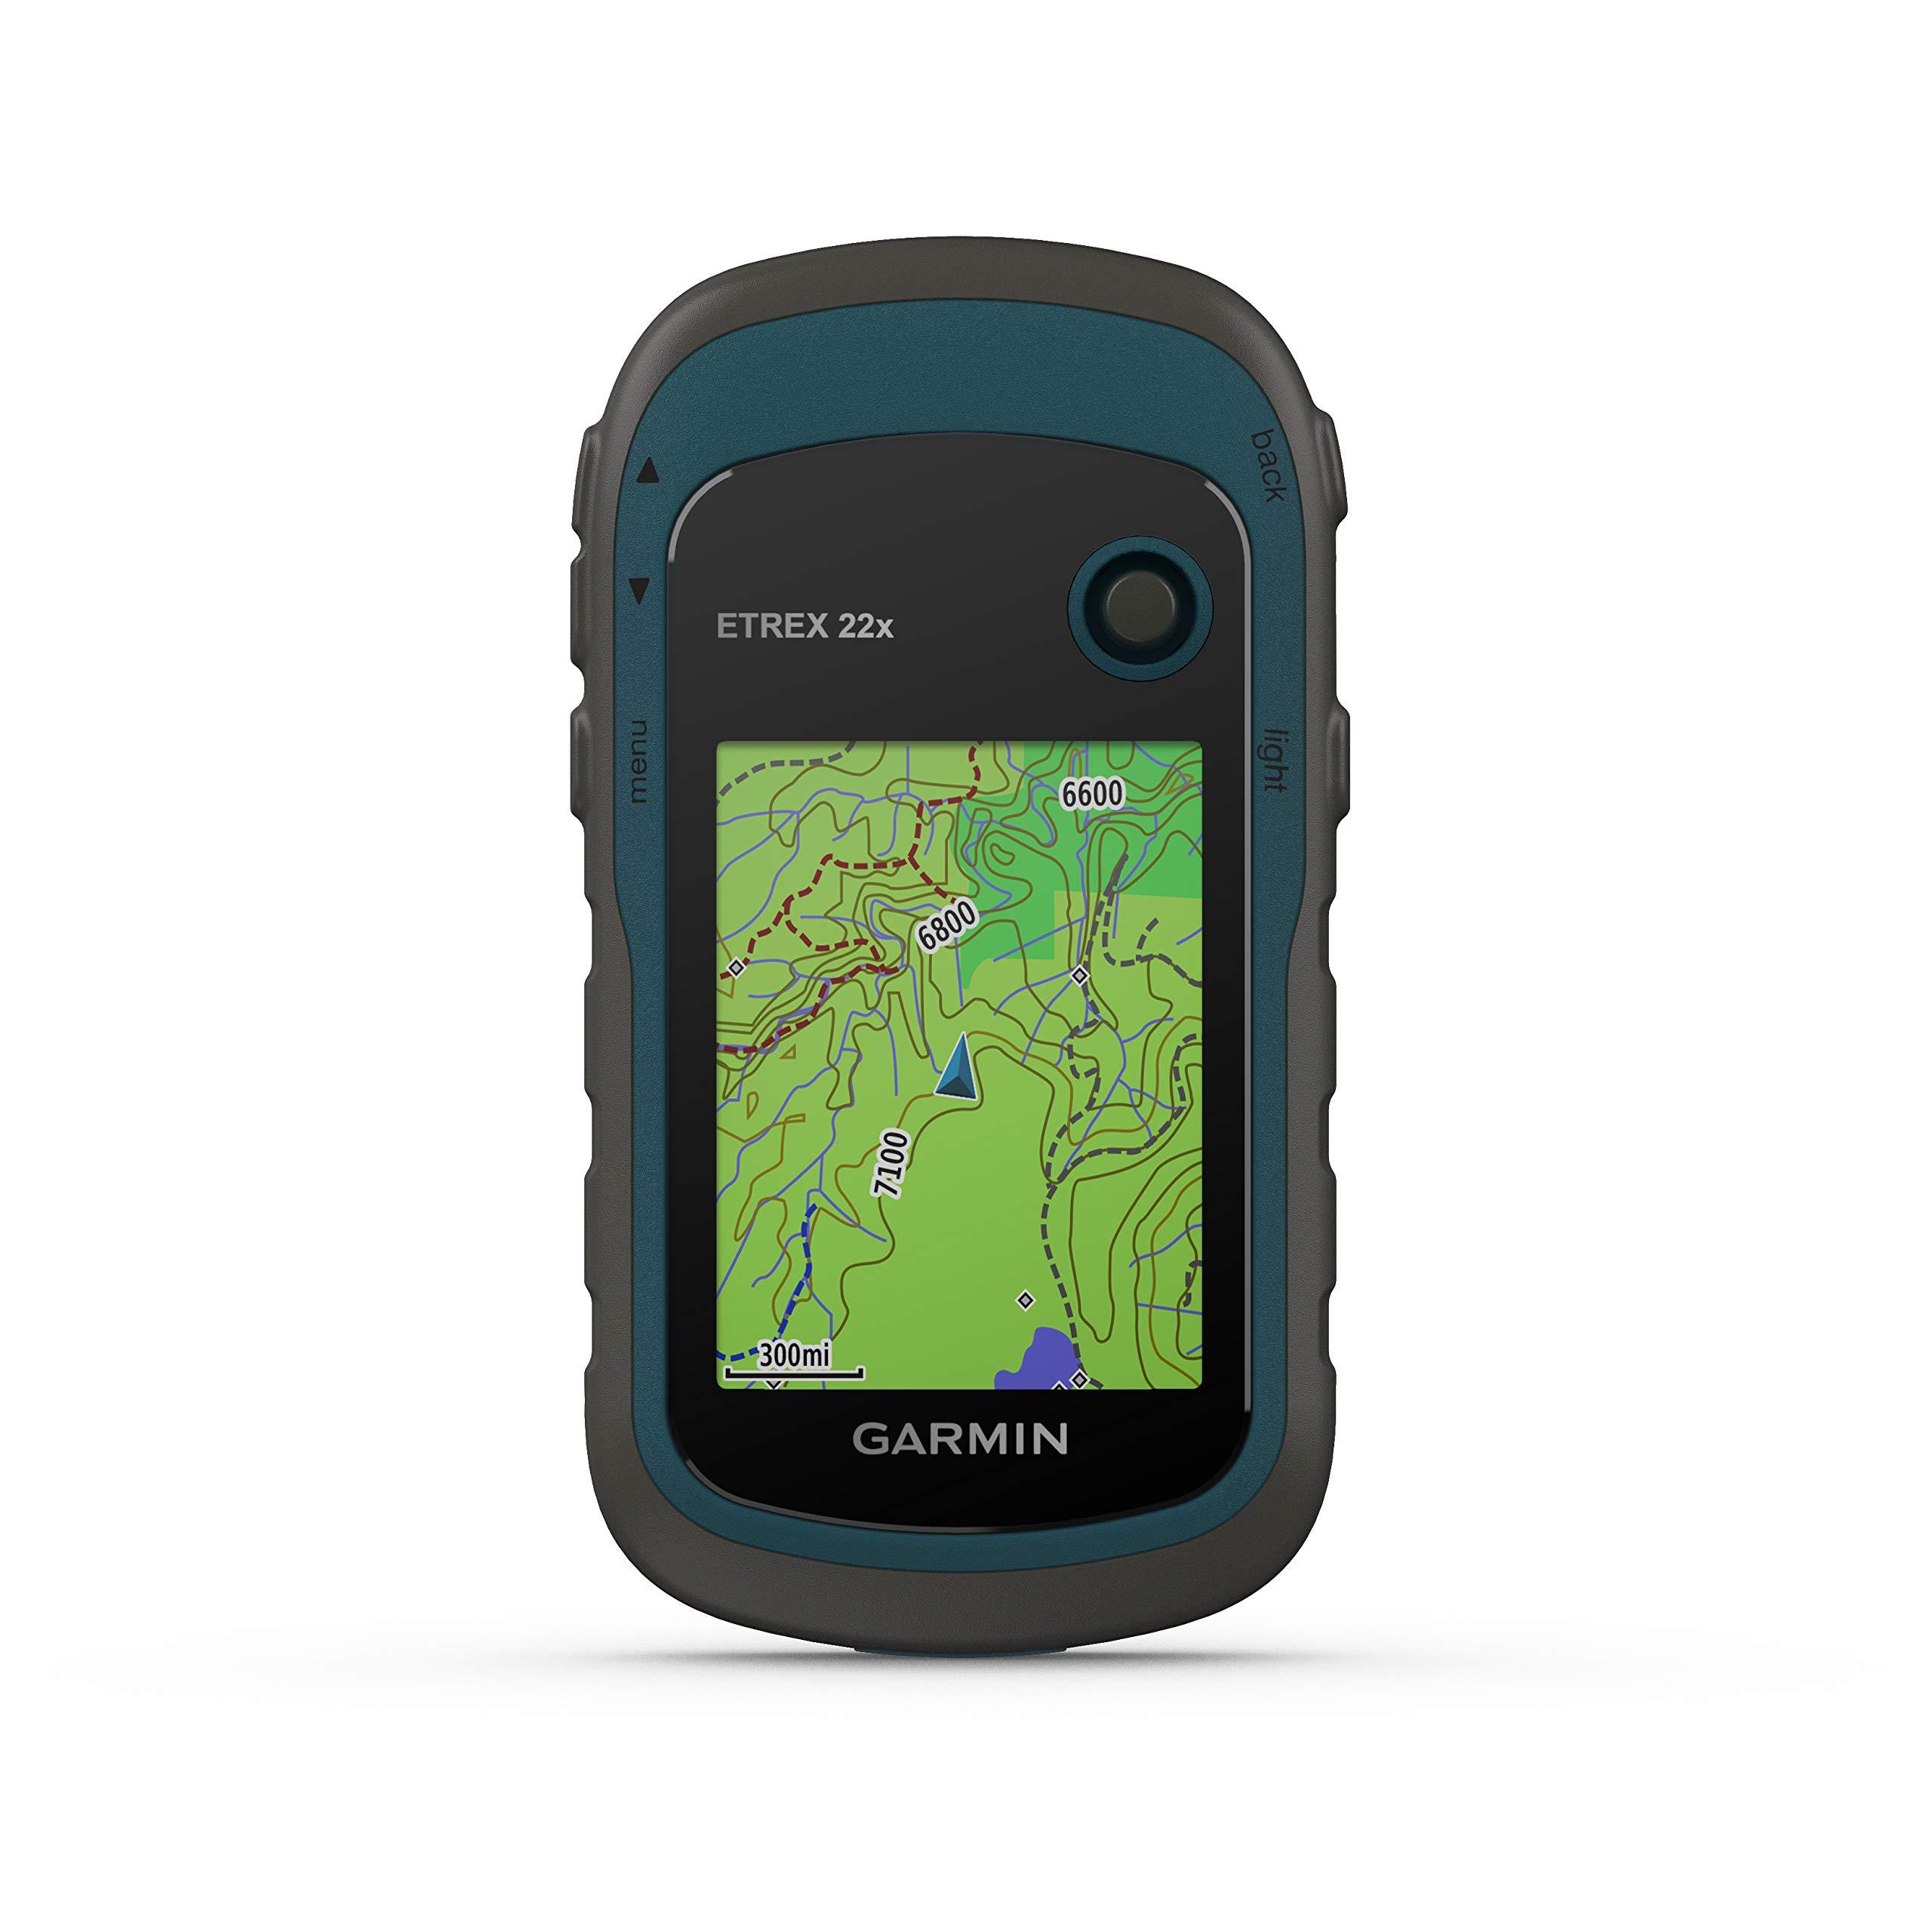 Garmin eTrex Rugged Handheld Navigator